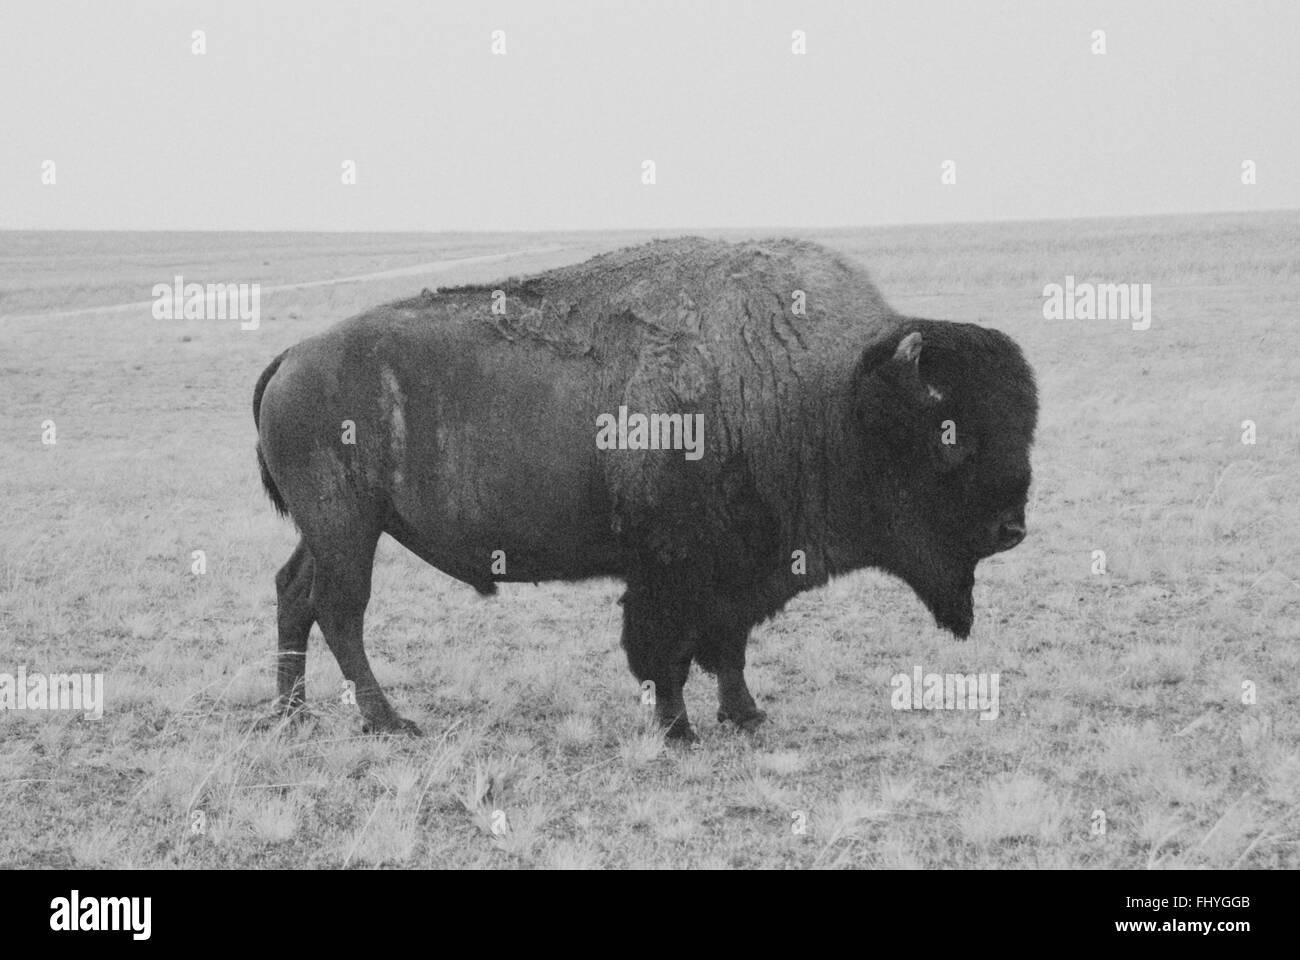 Eine amerikanischen Bison auf freiem Feld in schwarz und weiß auf Antelope  Island in Utah. 280b4d64ed